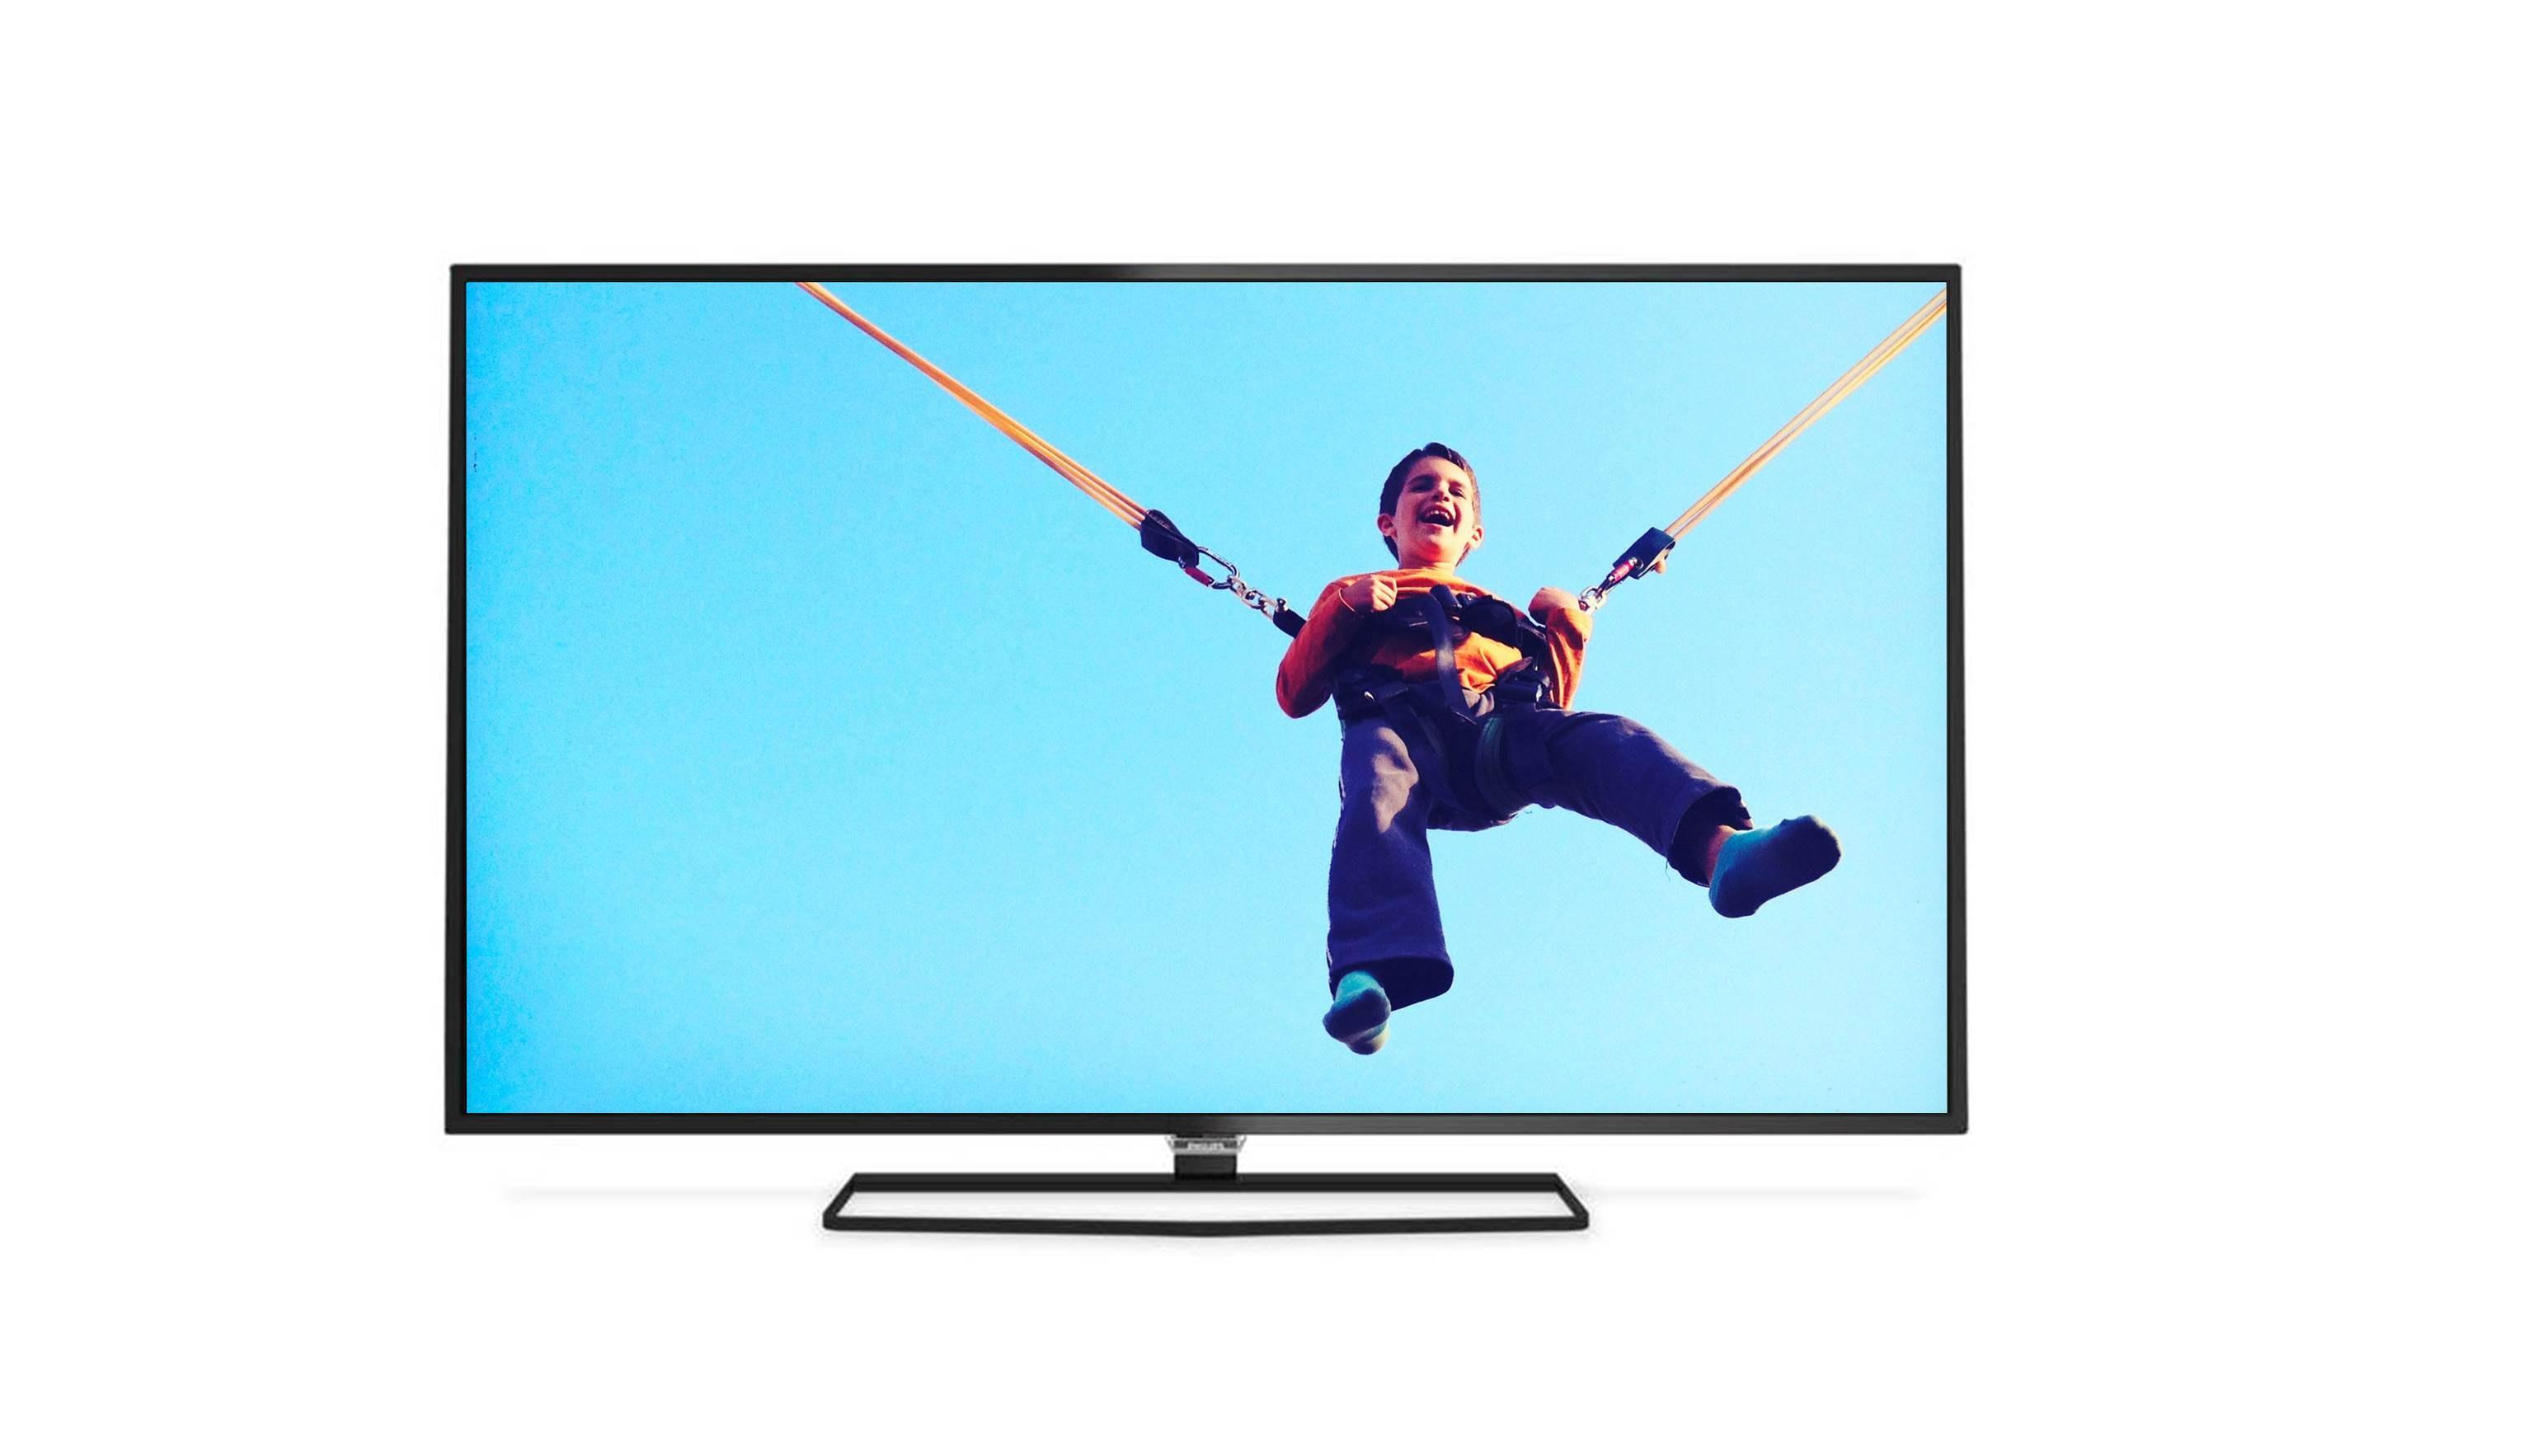 Tv Smart Tv Led Tv 4k Tv Samsung Tv Sony Tv Lg Smart Tv  # Modele Table Pour Television Kitea Avec Prix